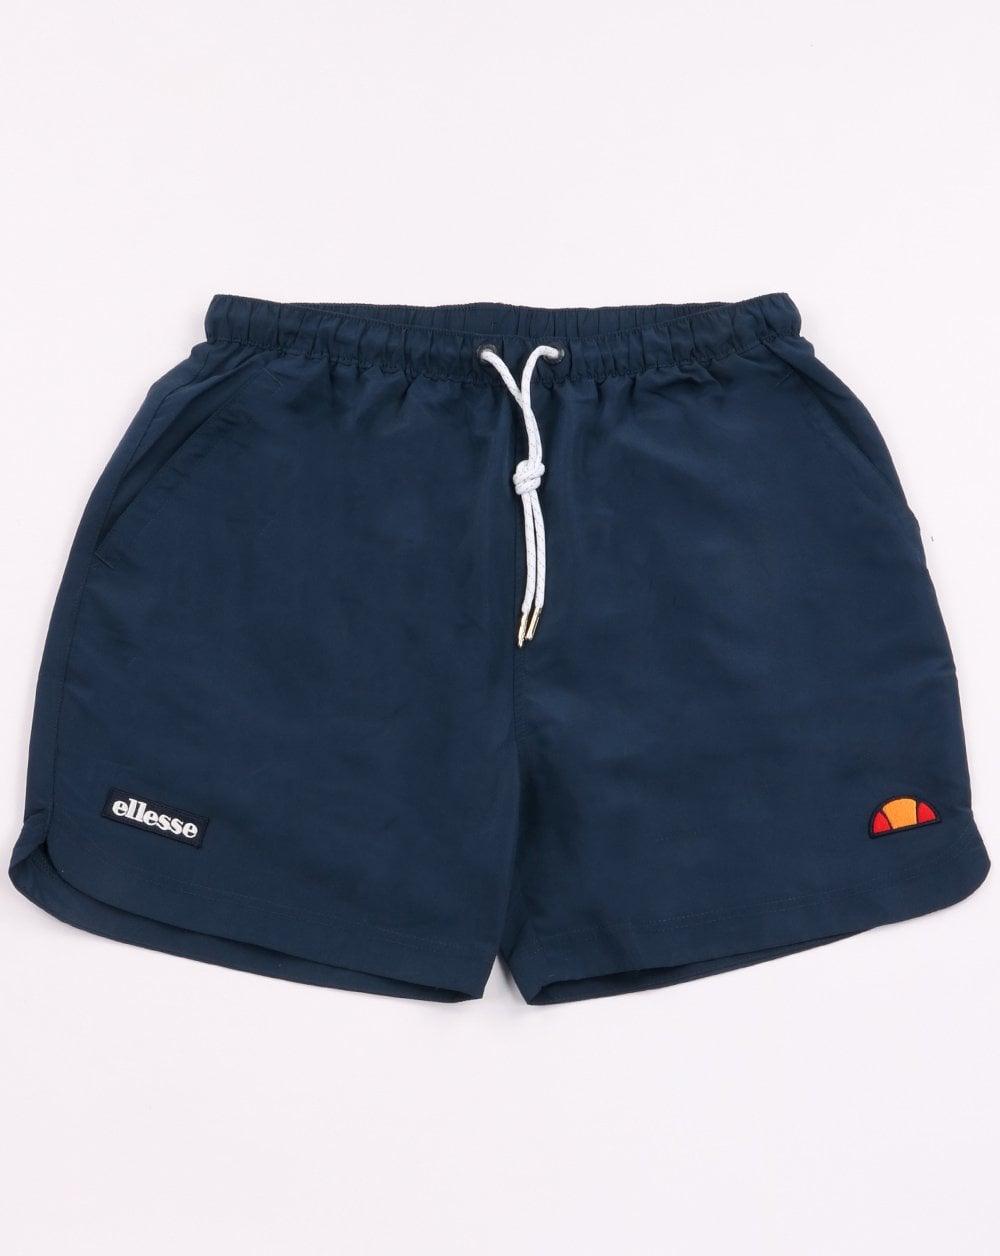 5d6113c685 Ellesse Verdo Swim Shorts Navy | 80s casual classics